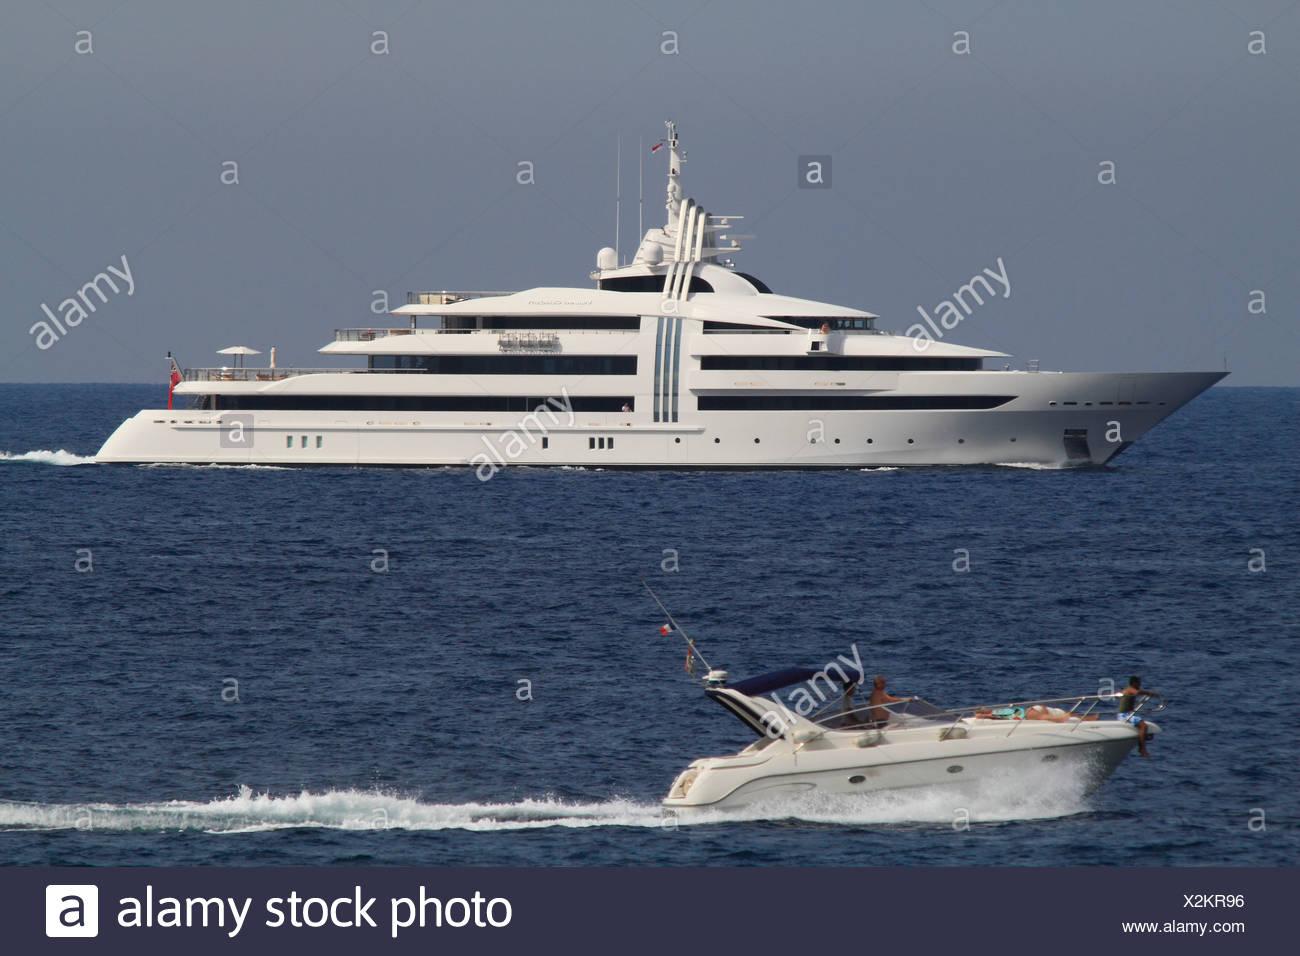 Lebhafte Neugier, ein Kreuzer, gebaut von Oceanco, Länge: 85,47 Meter, Baujahr 2009, Mittelmeer, Côte d ' Azur, Frankreich Stockbild